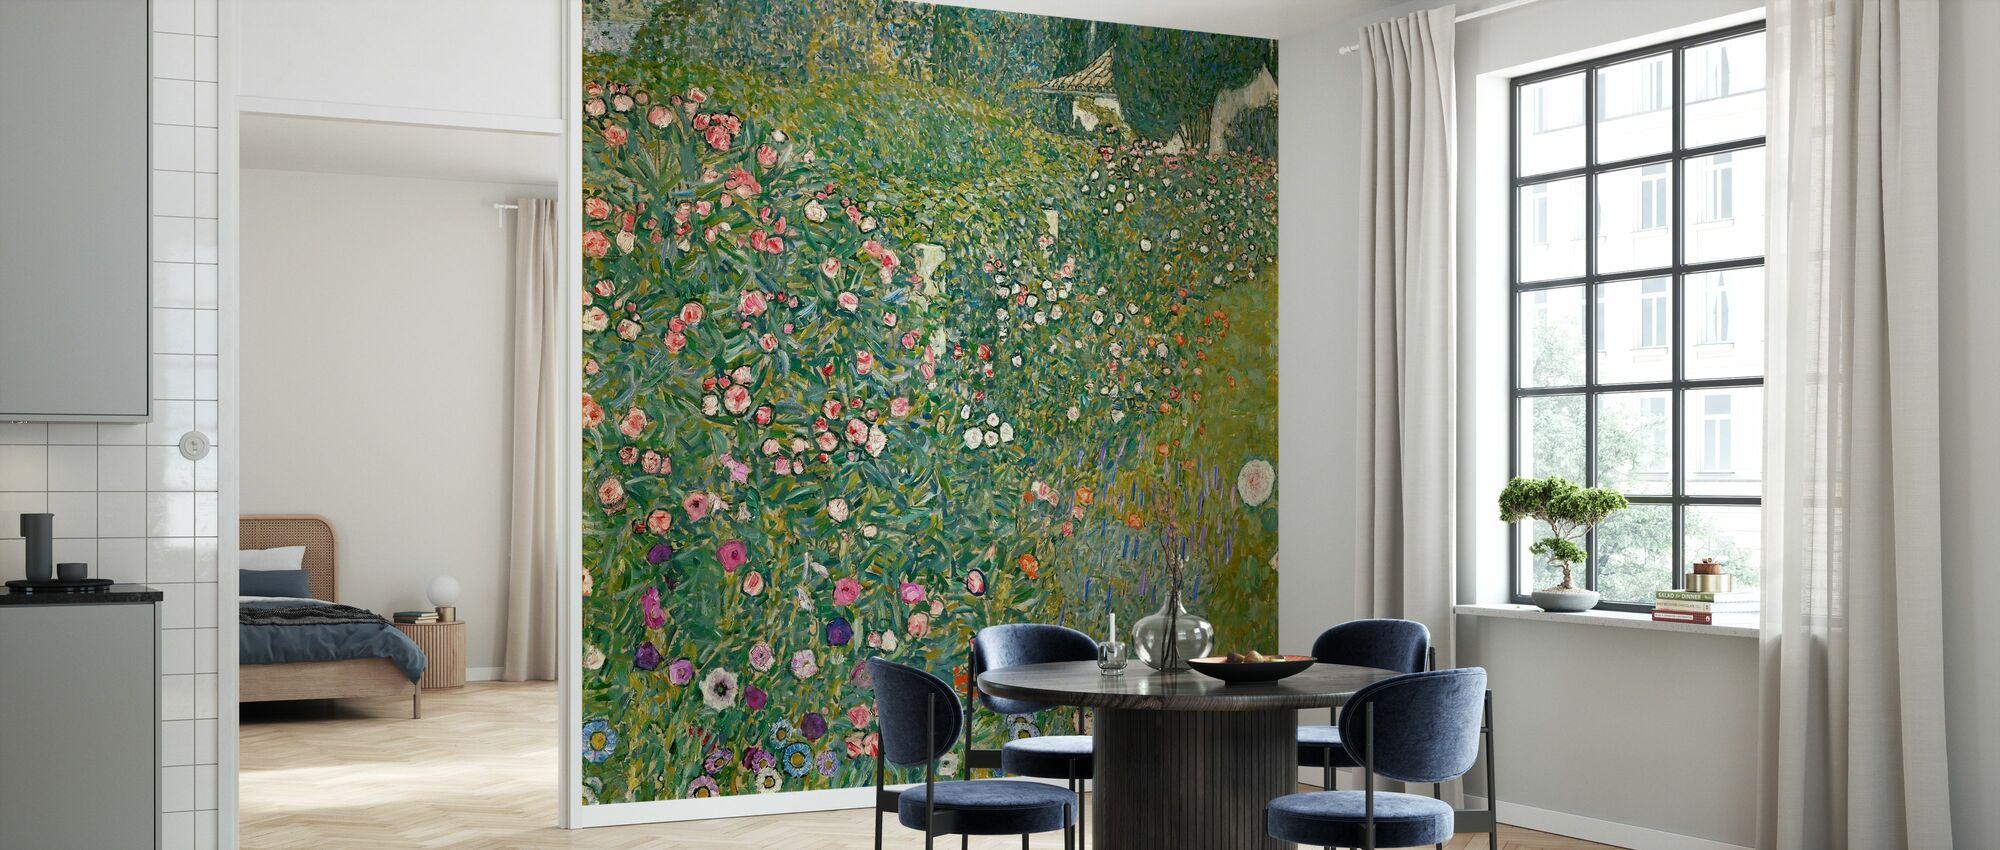 Klimt, Gustav - Italialainen puutarhamaisema - Tapetti - Keittiö